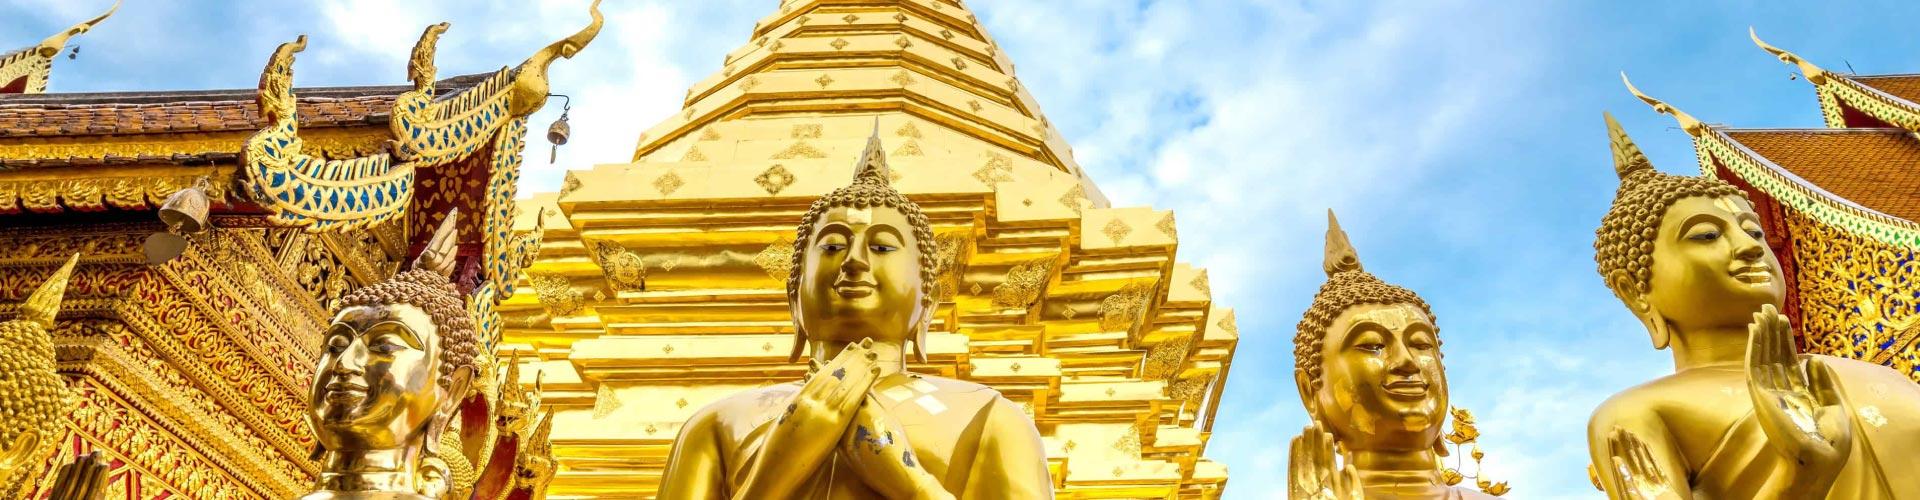 Chiang Mai & Chiang Rai Discovery